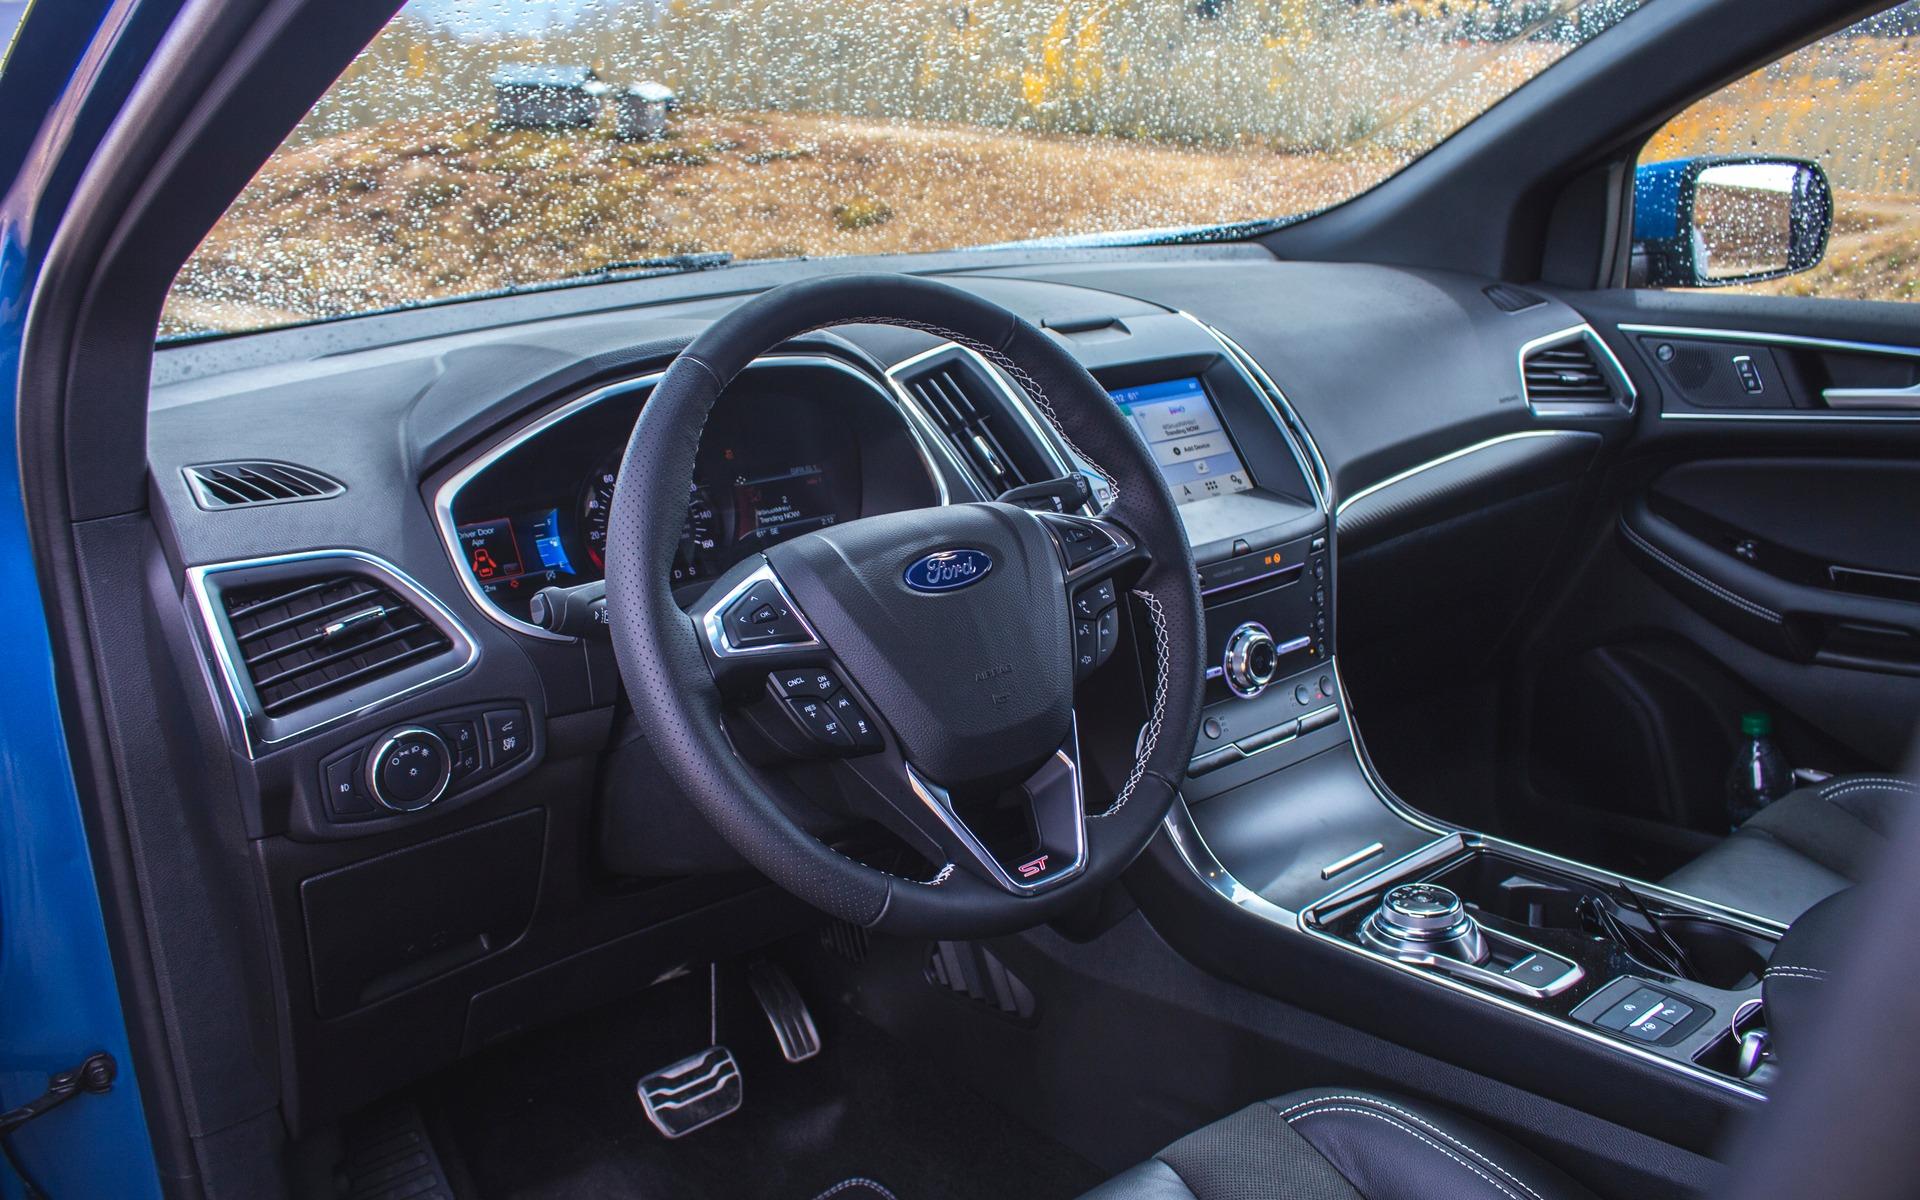 Ford Edge ST 2019 : nous en sommes rendus là 350512_Ford_Edge_ST_2019_quand_le_marketing_prend_la_releve